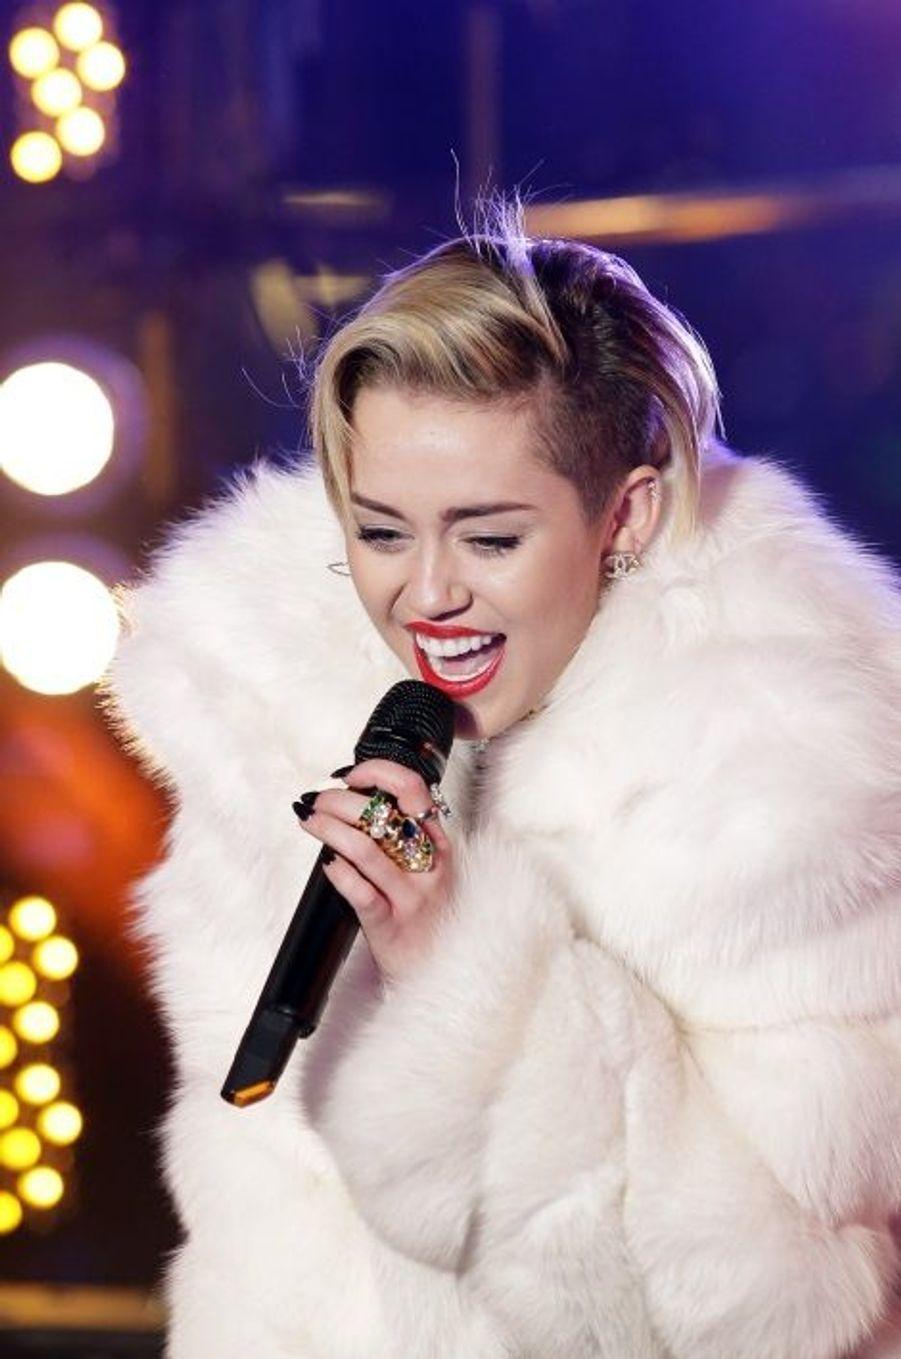 Le traditionnel réveillon de la Saint-Sylvestre de Times Square, à New York, a tenu toutes ses promesses. La chanteuse Miley Cyrus a donné un concert endiablé sous les confettis alors que les amoureux du monde entier s'étaient donnés rendez-vous pour célébrer le passage à la nouvelle année.